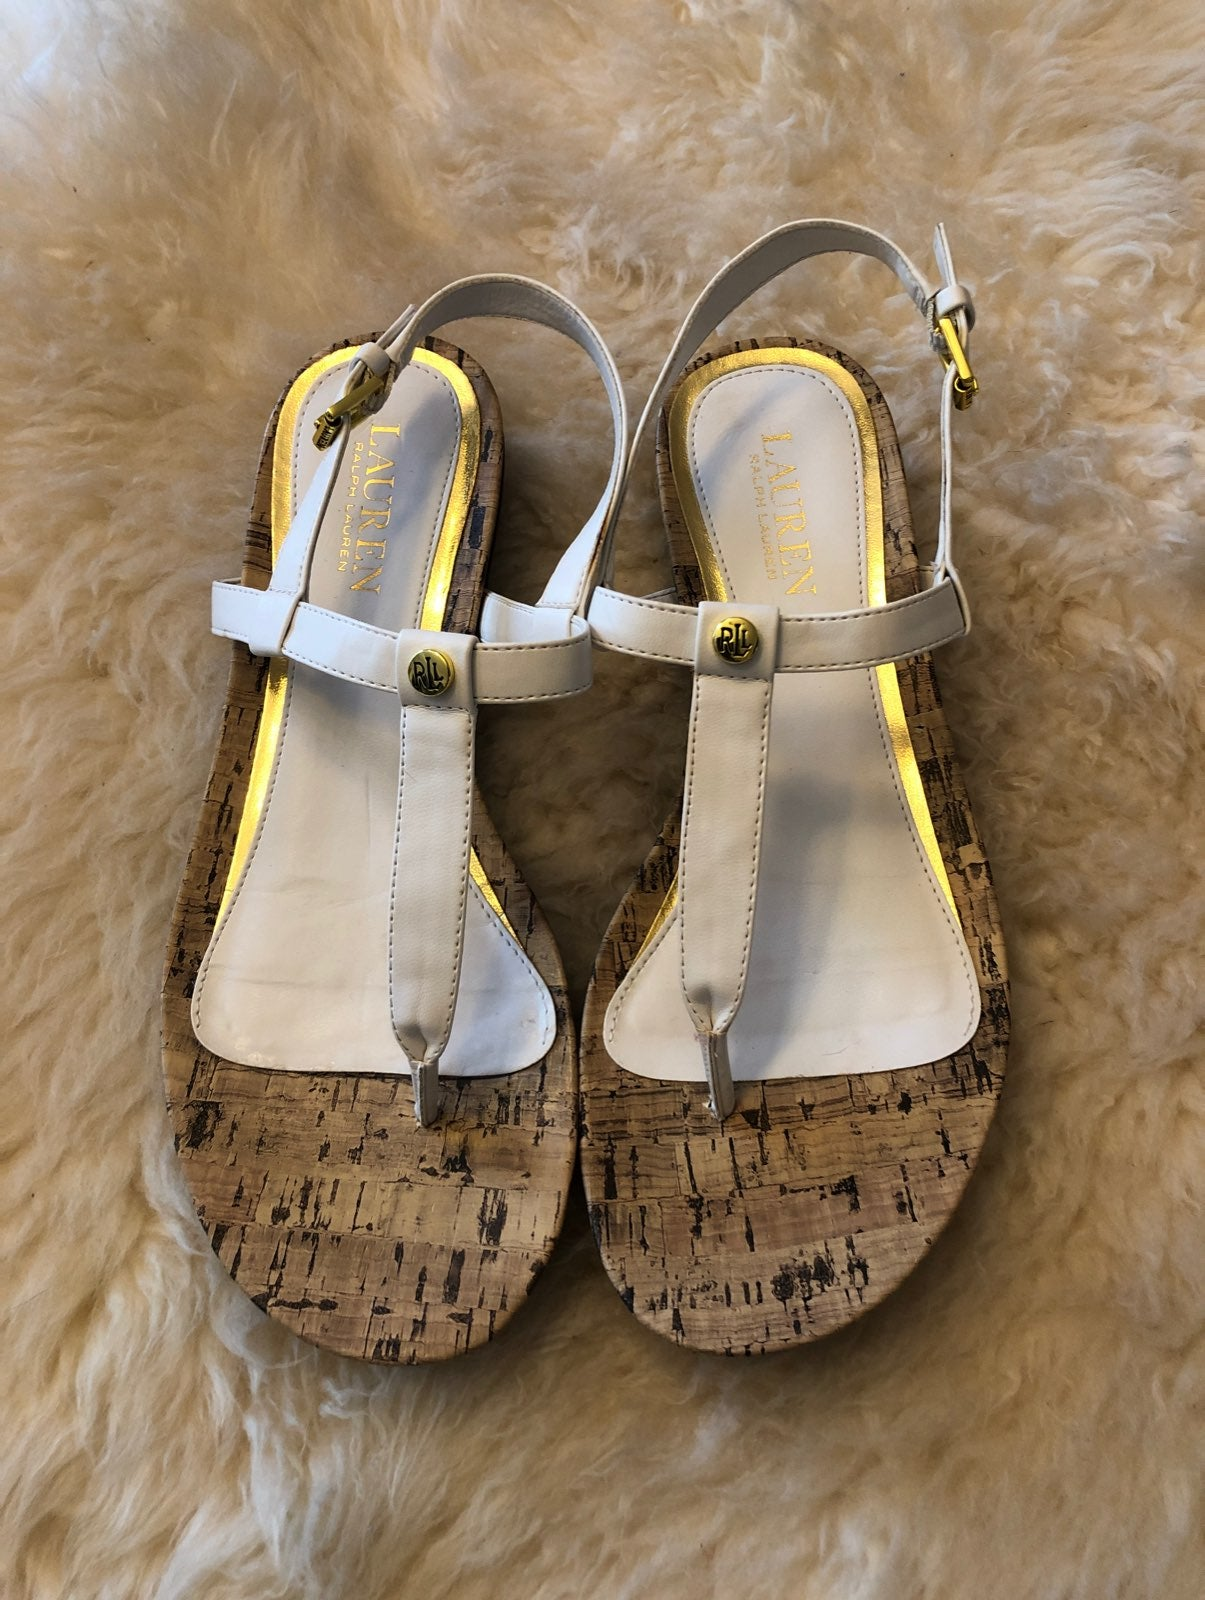 Ralph Lauren NWOT sandals size 8